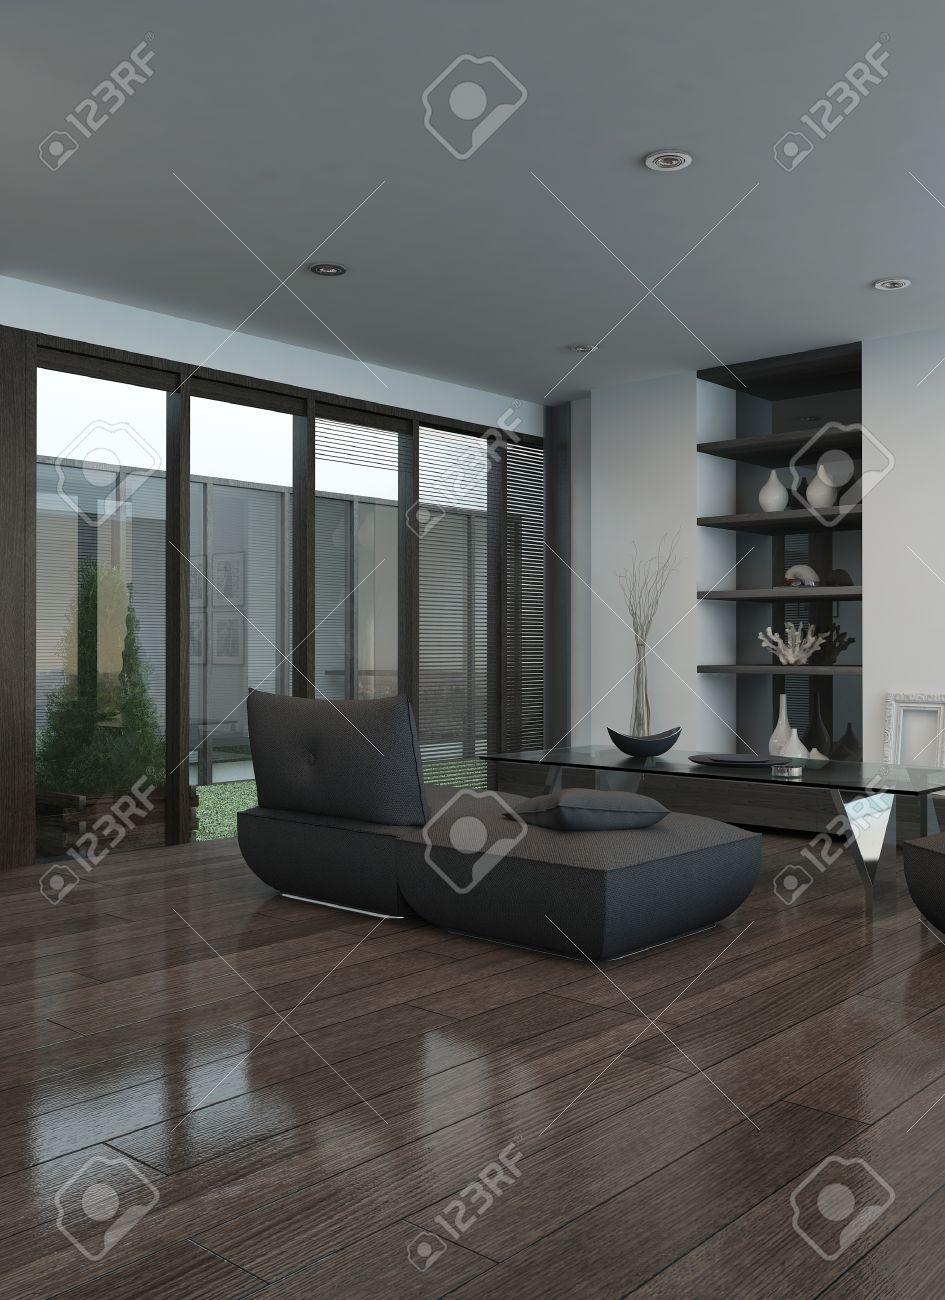 Wohnzimmer Couch Moderne Wohnzimmer Innenraum Mit Grauen Couch Und Parkettboden